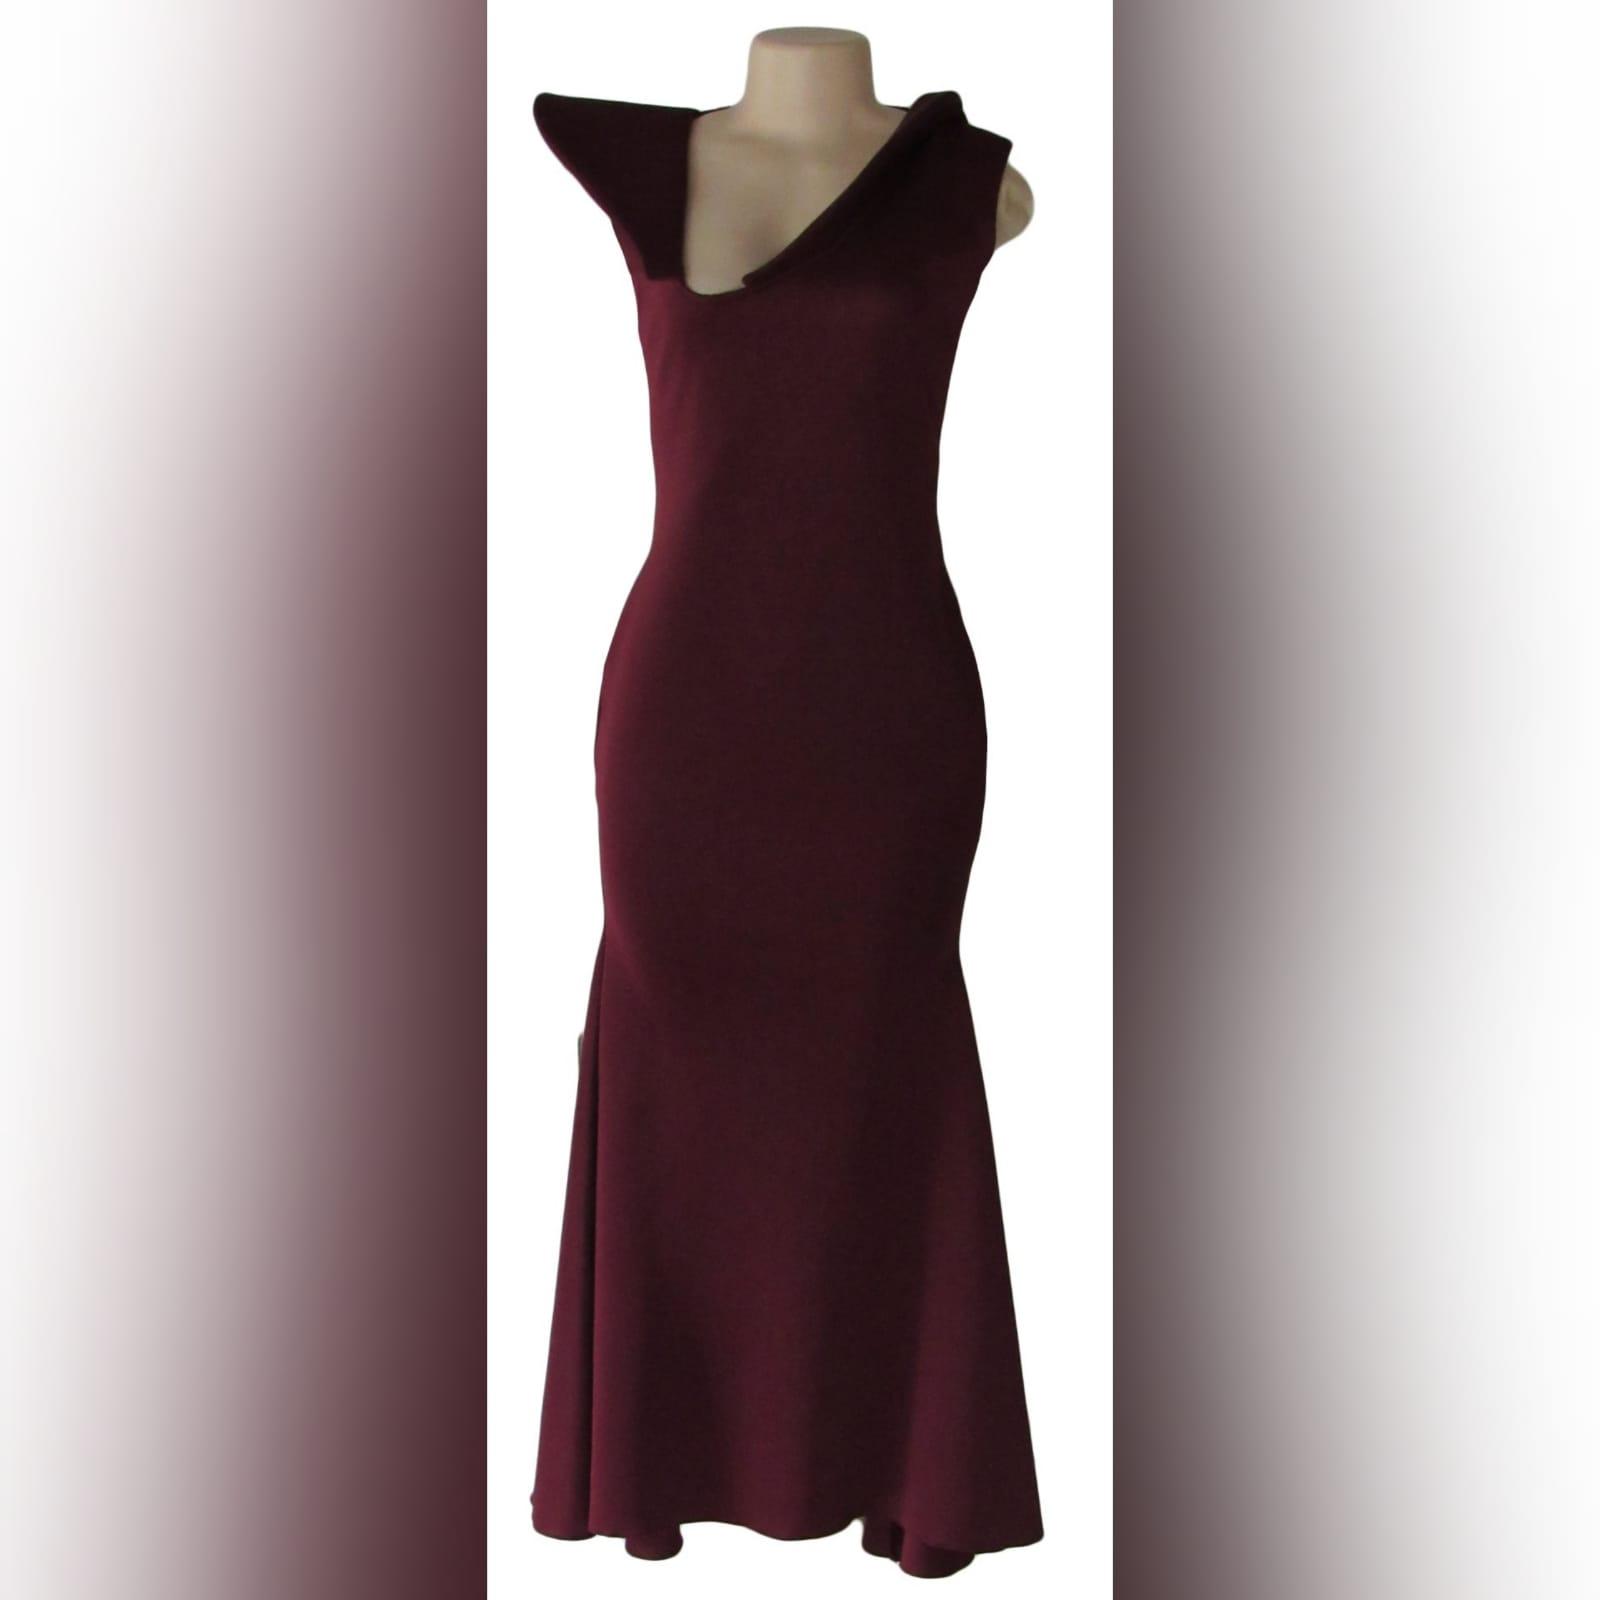 Vestido de dama de honra cor bordeaux justo 2 vestido de dama de honra cor bordeaux justo, com um design decote v angular. Com costas abertas detalhadas com tiras de lantejoulas